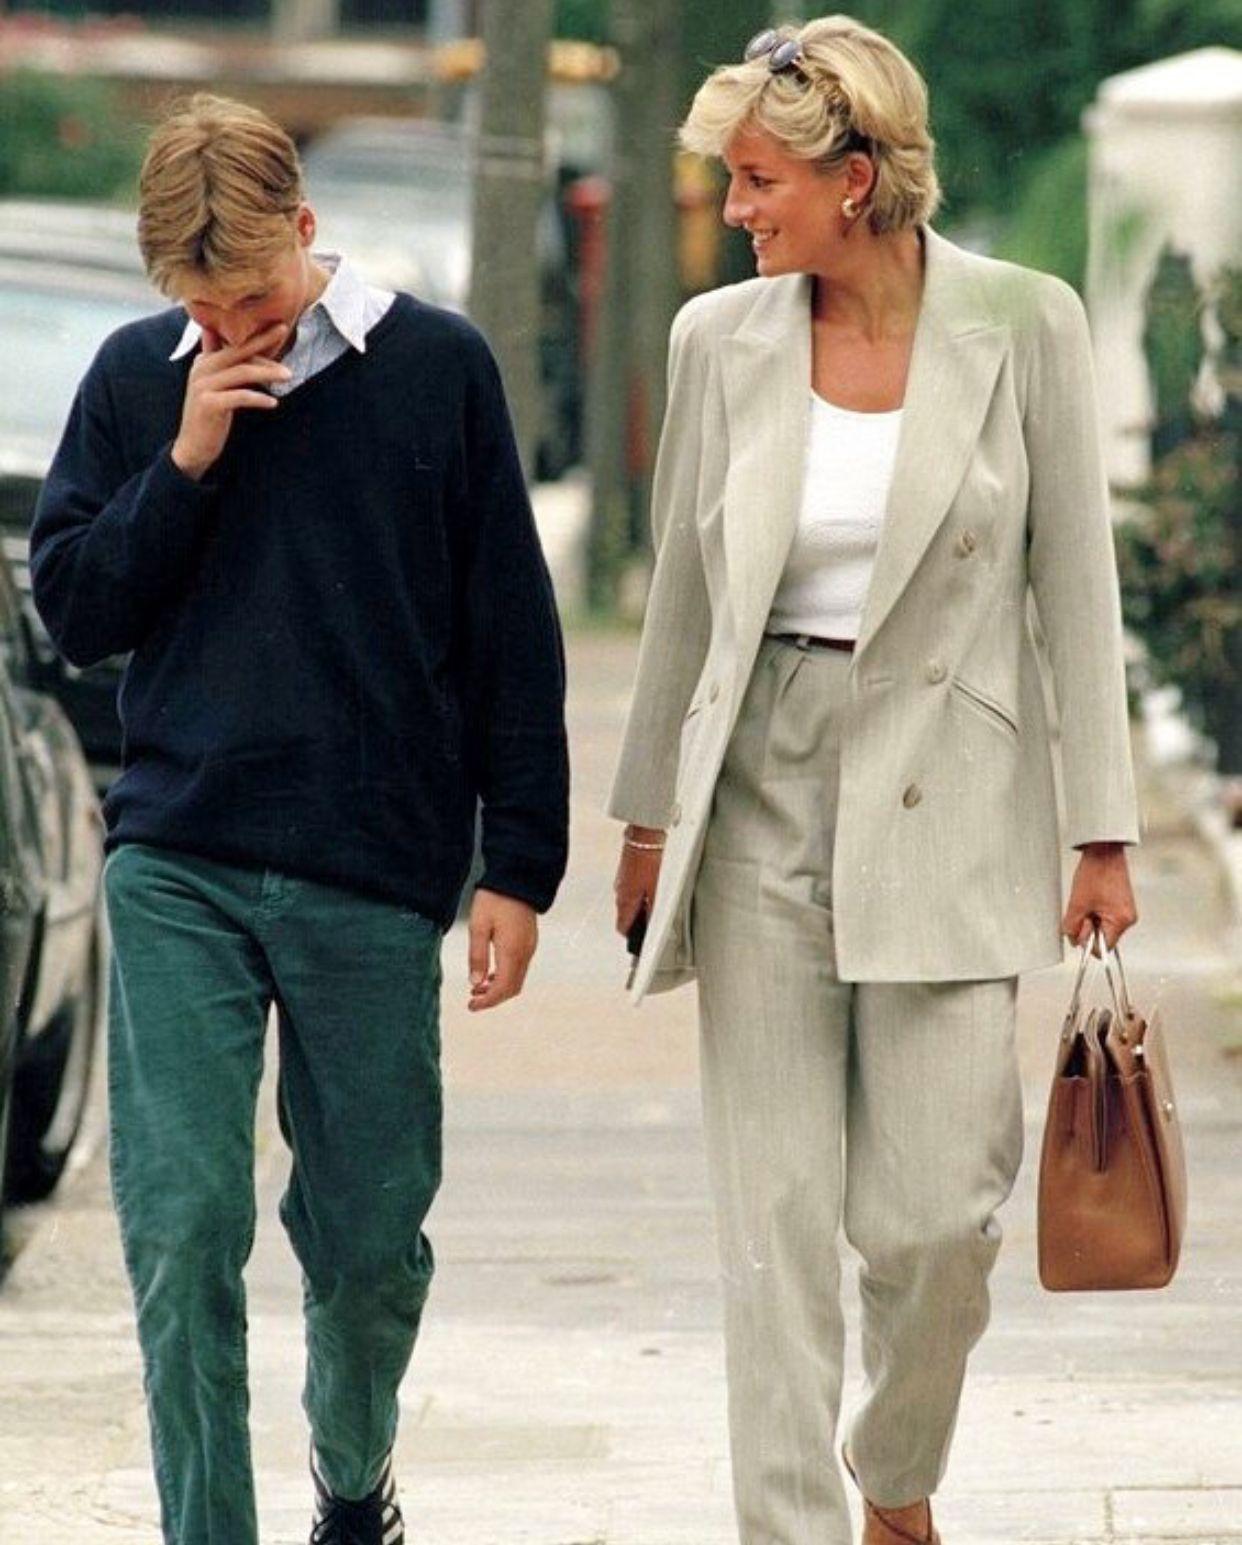 Học Công nương Diana 4 cách diện blazer vừa đơn giản lại chuẩn xịn y chang phong cách Hoàng gia - Ảnh 13